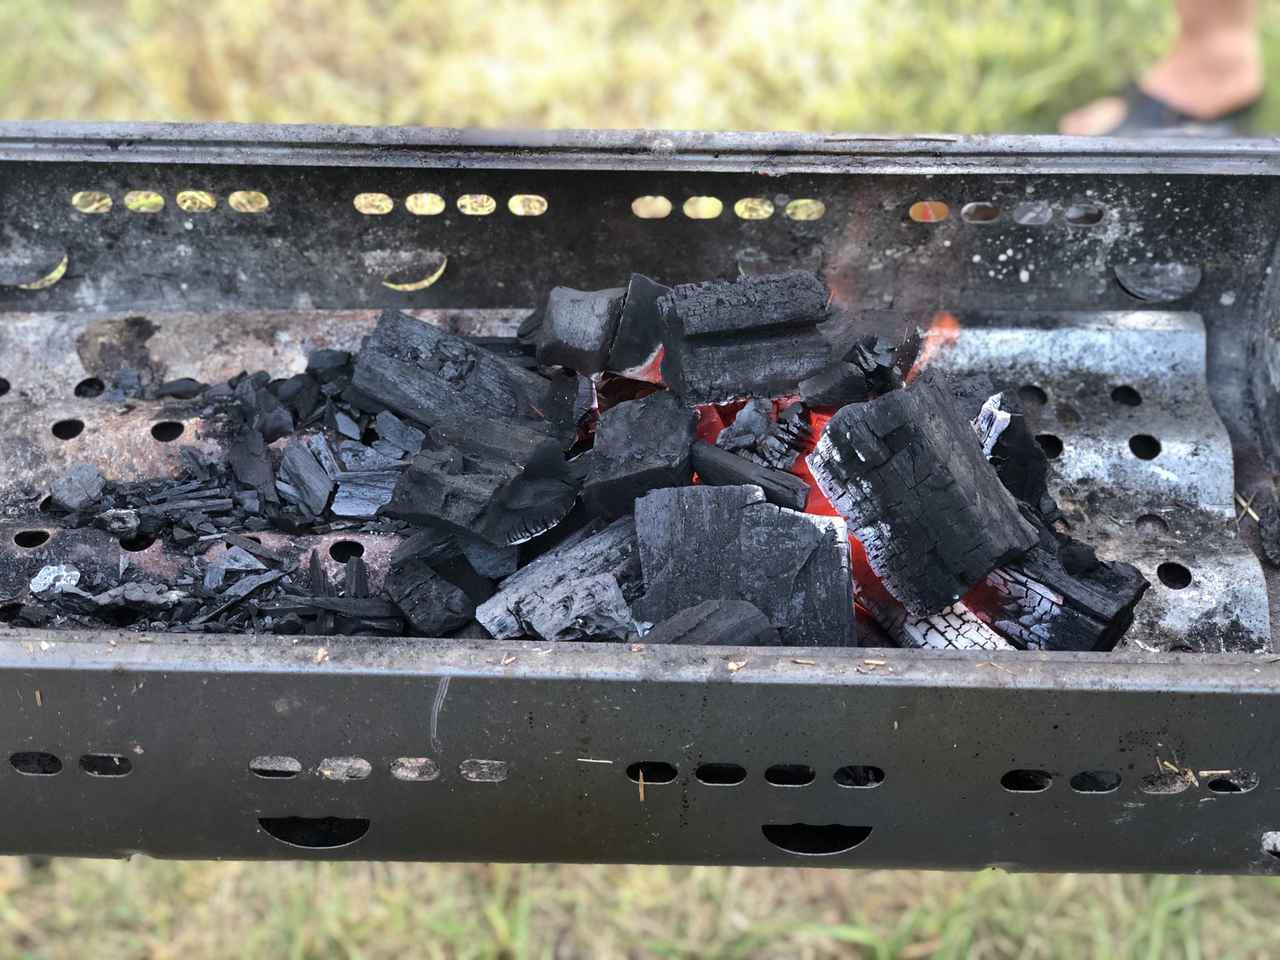 画像: 【火消し壺を使うメリット】後処理がラクチン&炭を安全に消火できる! 消し炭は再利用も可能